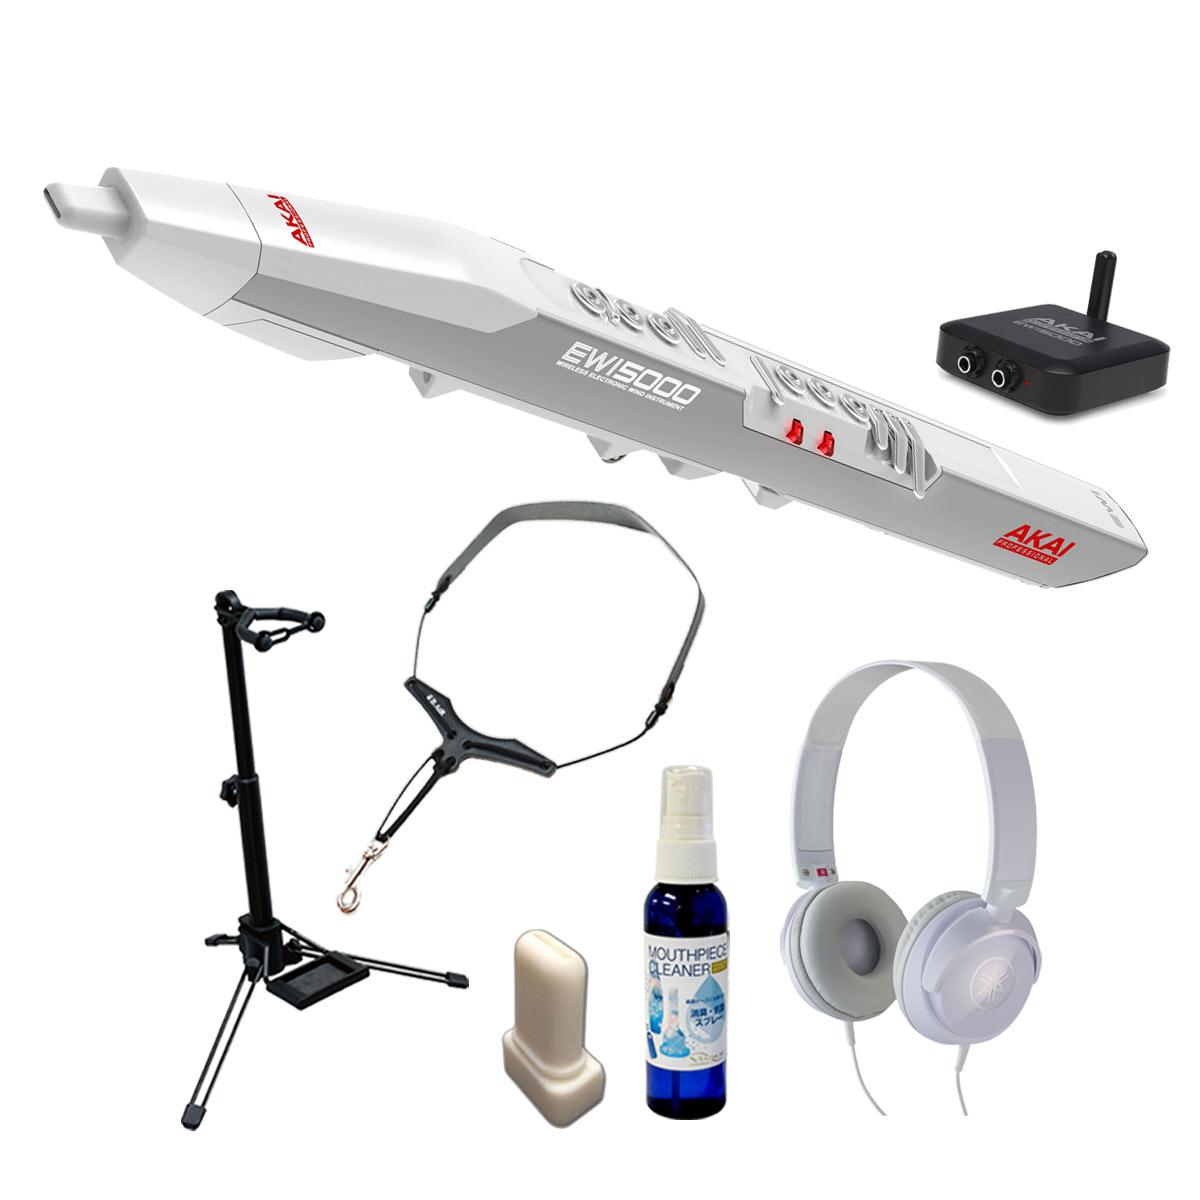 公式 AKAI EWI5000WJ アカイ ついに再販開始 ホワイト ウィンドシンセ 《バードストラップセット》《正規品》